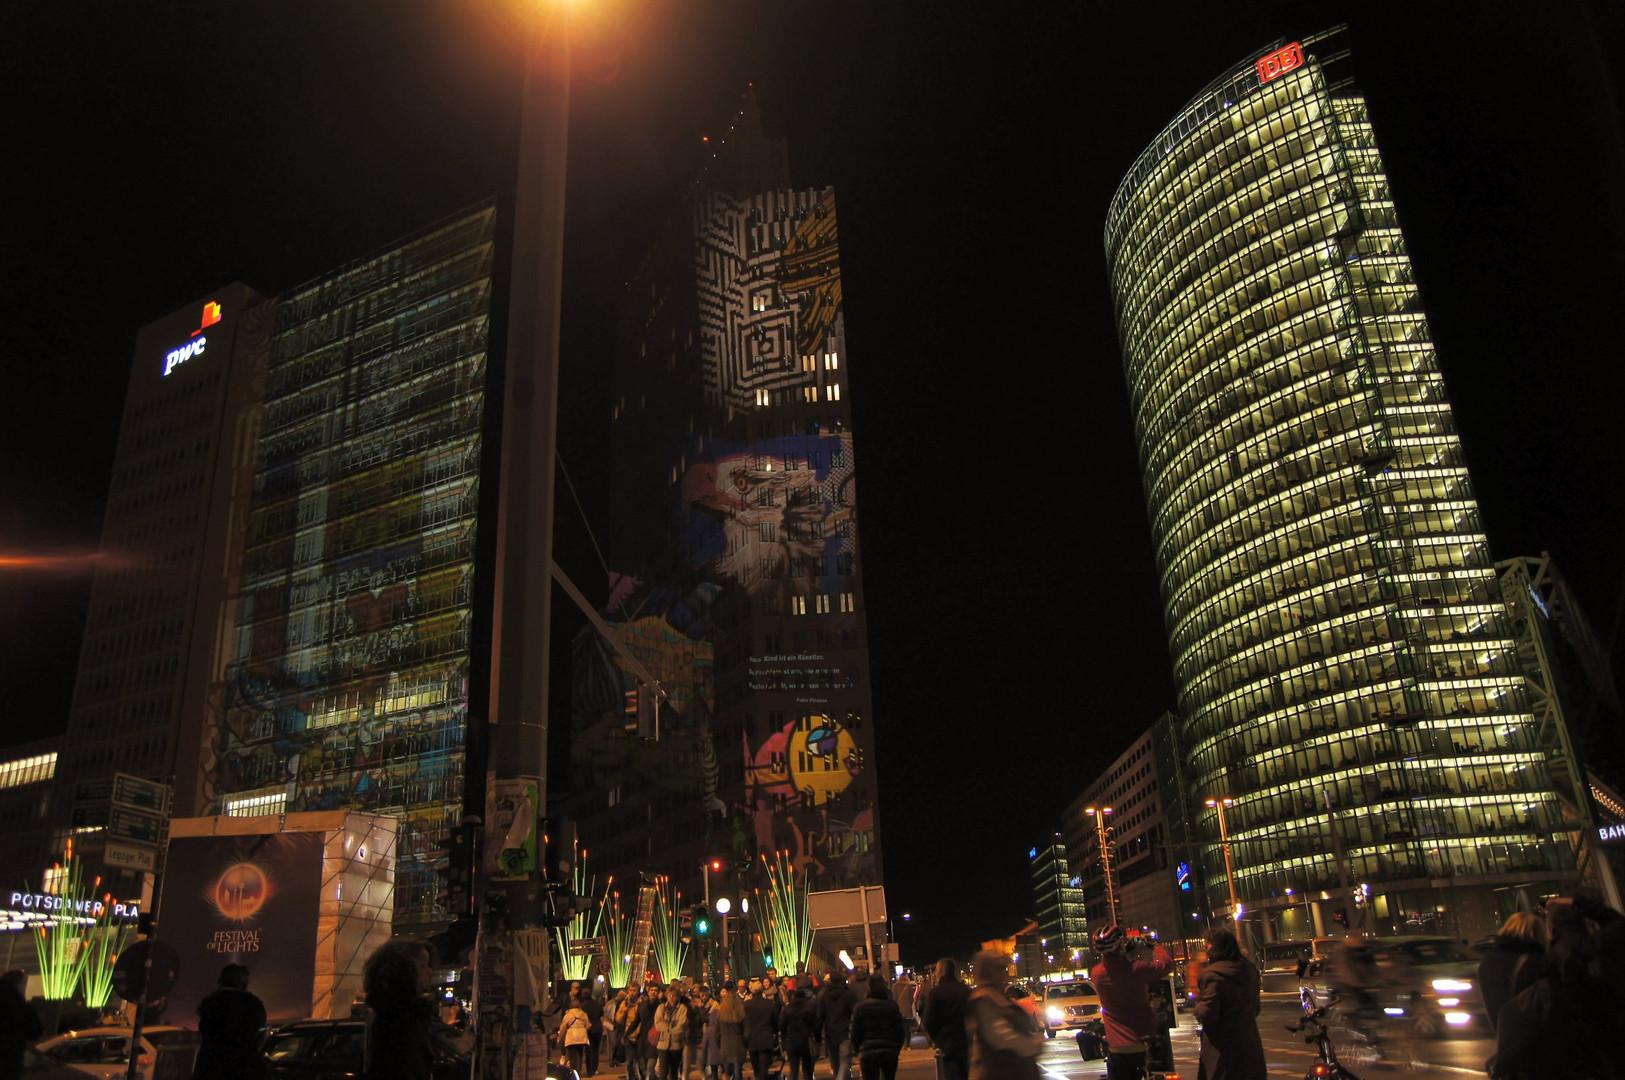 Potsdamer Platz zur Luminale 2013